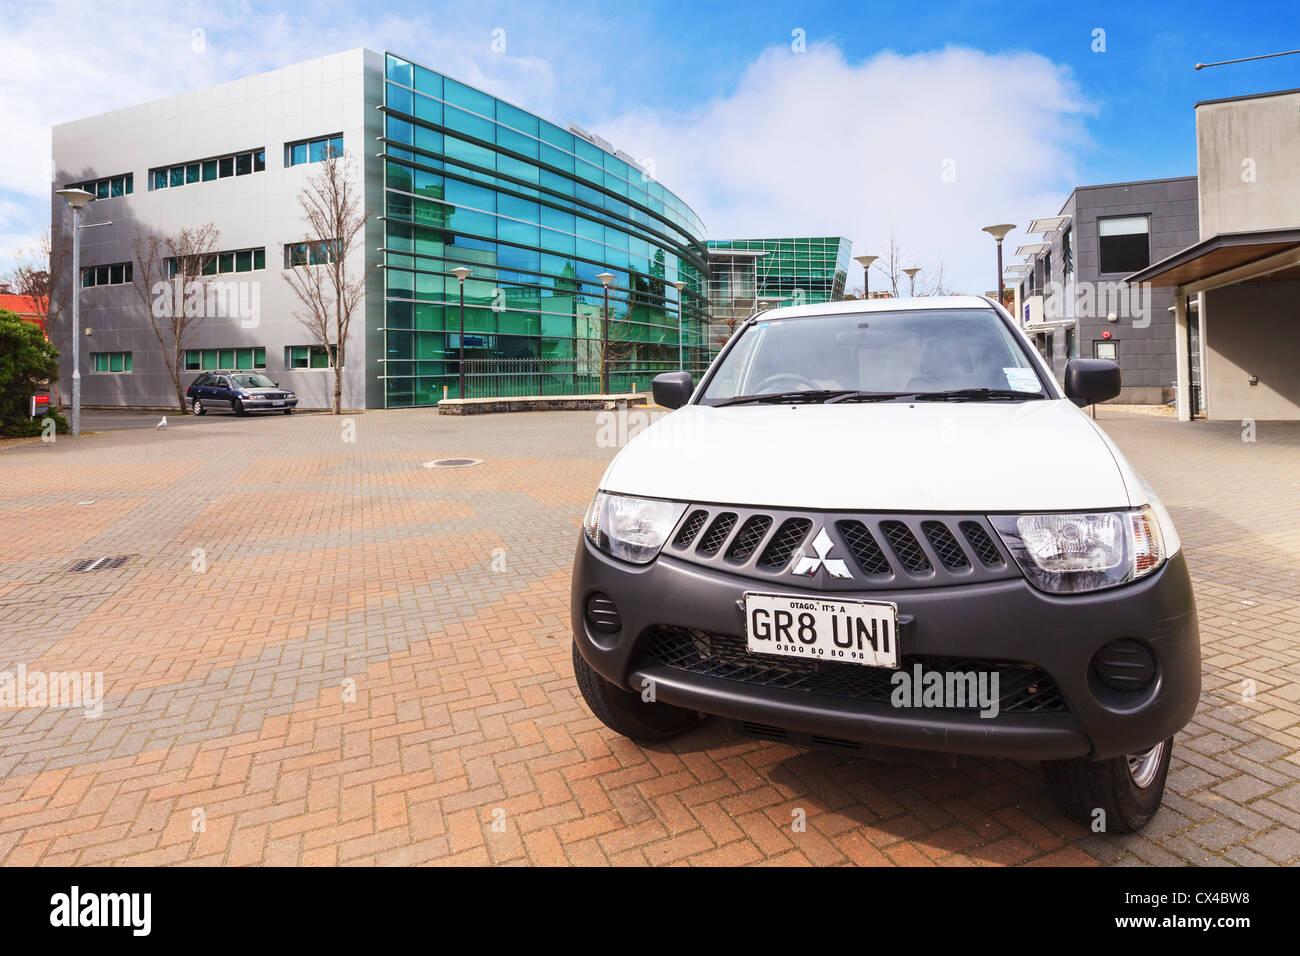 Mitsubishi Triton de la Campus Watch, de la Universidad de Otago, con seguridad el número de placa GR8 UNI Imagen De Stock